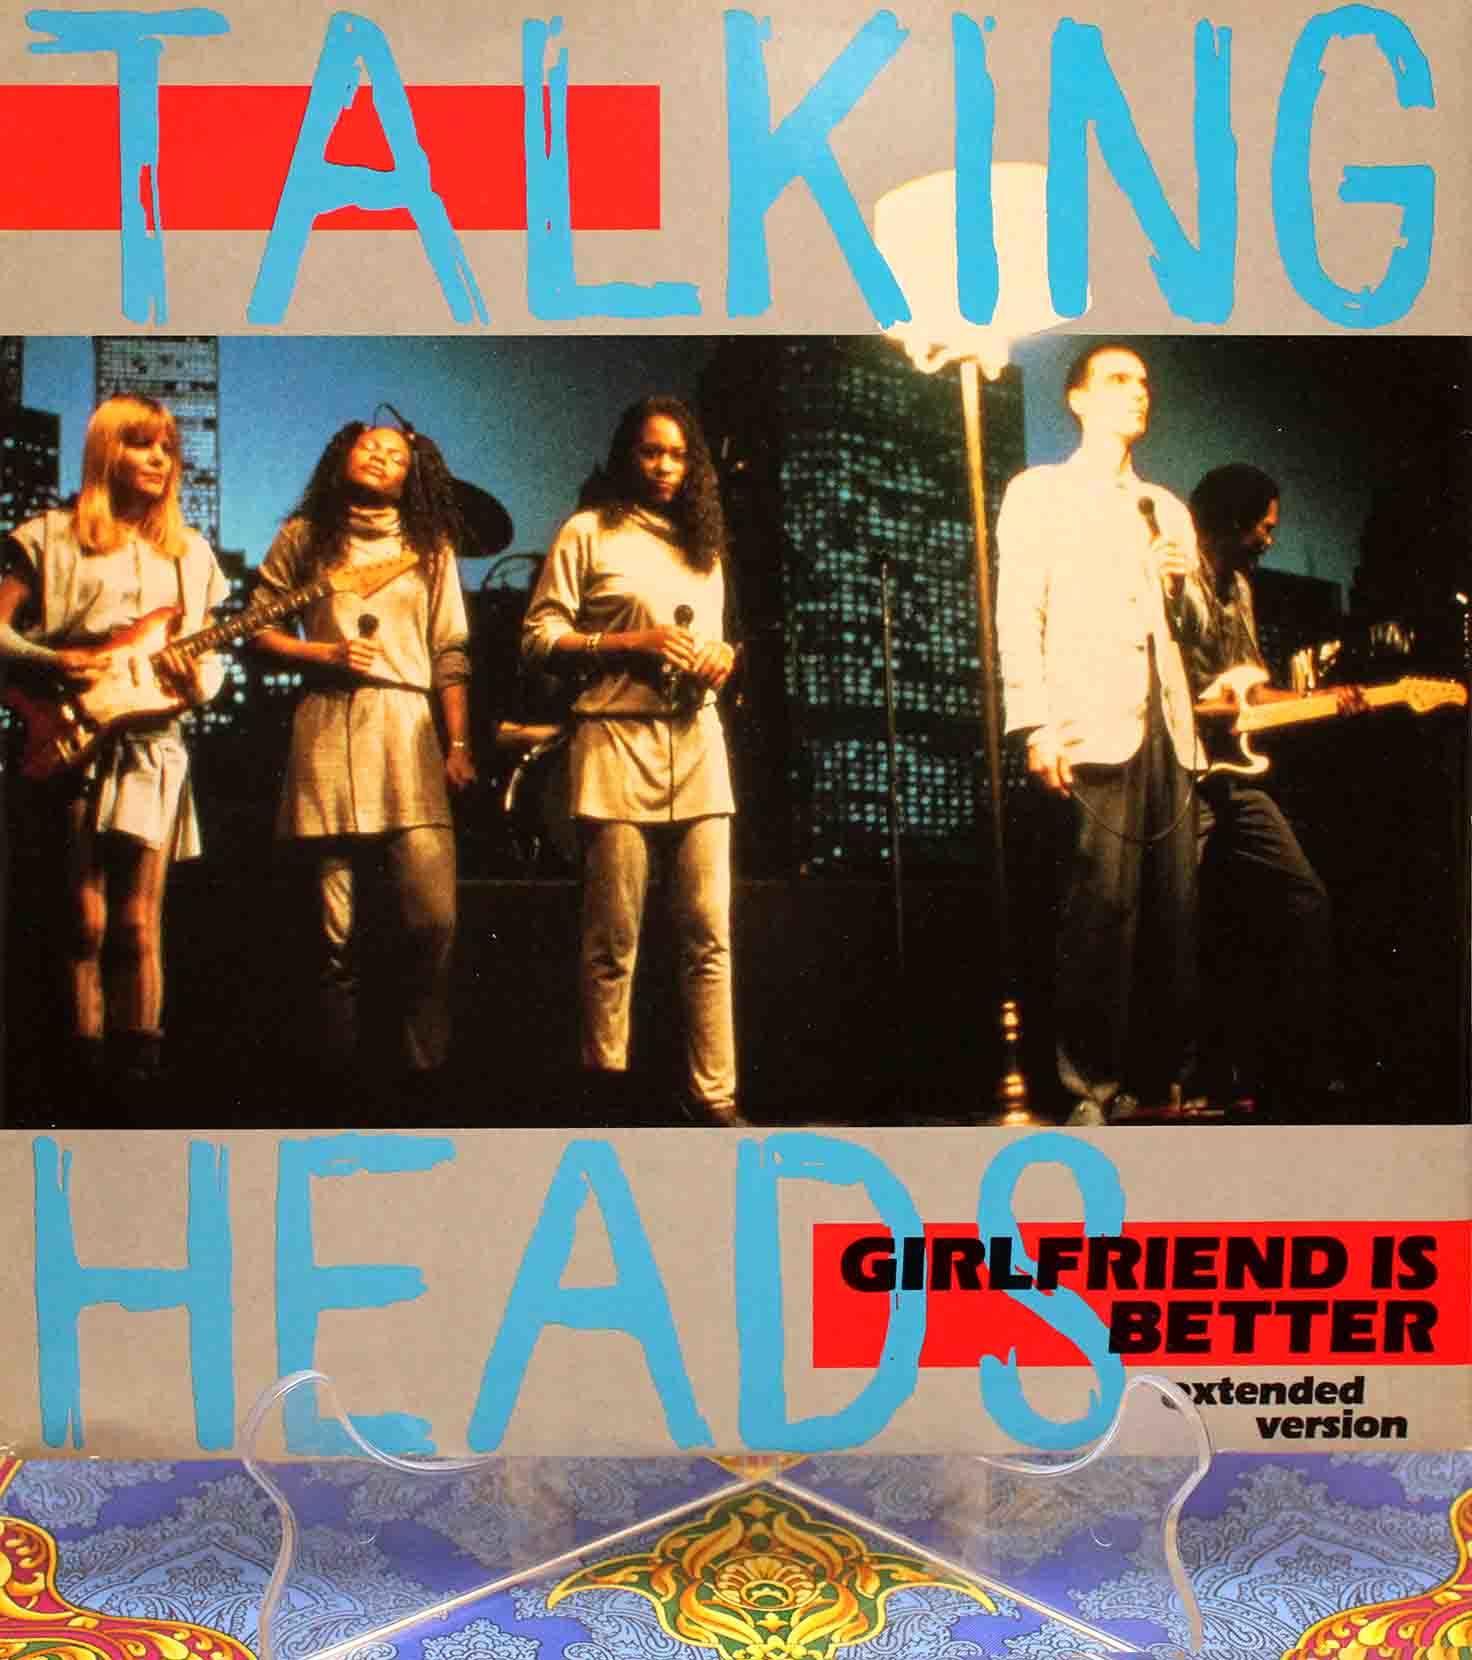 Talking Heads – Girlfriend Is Better 01